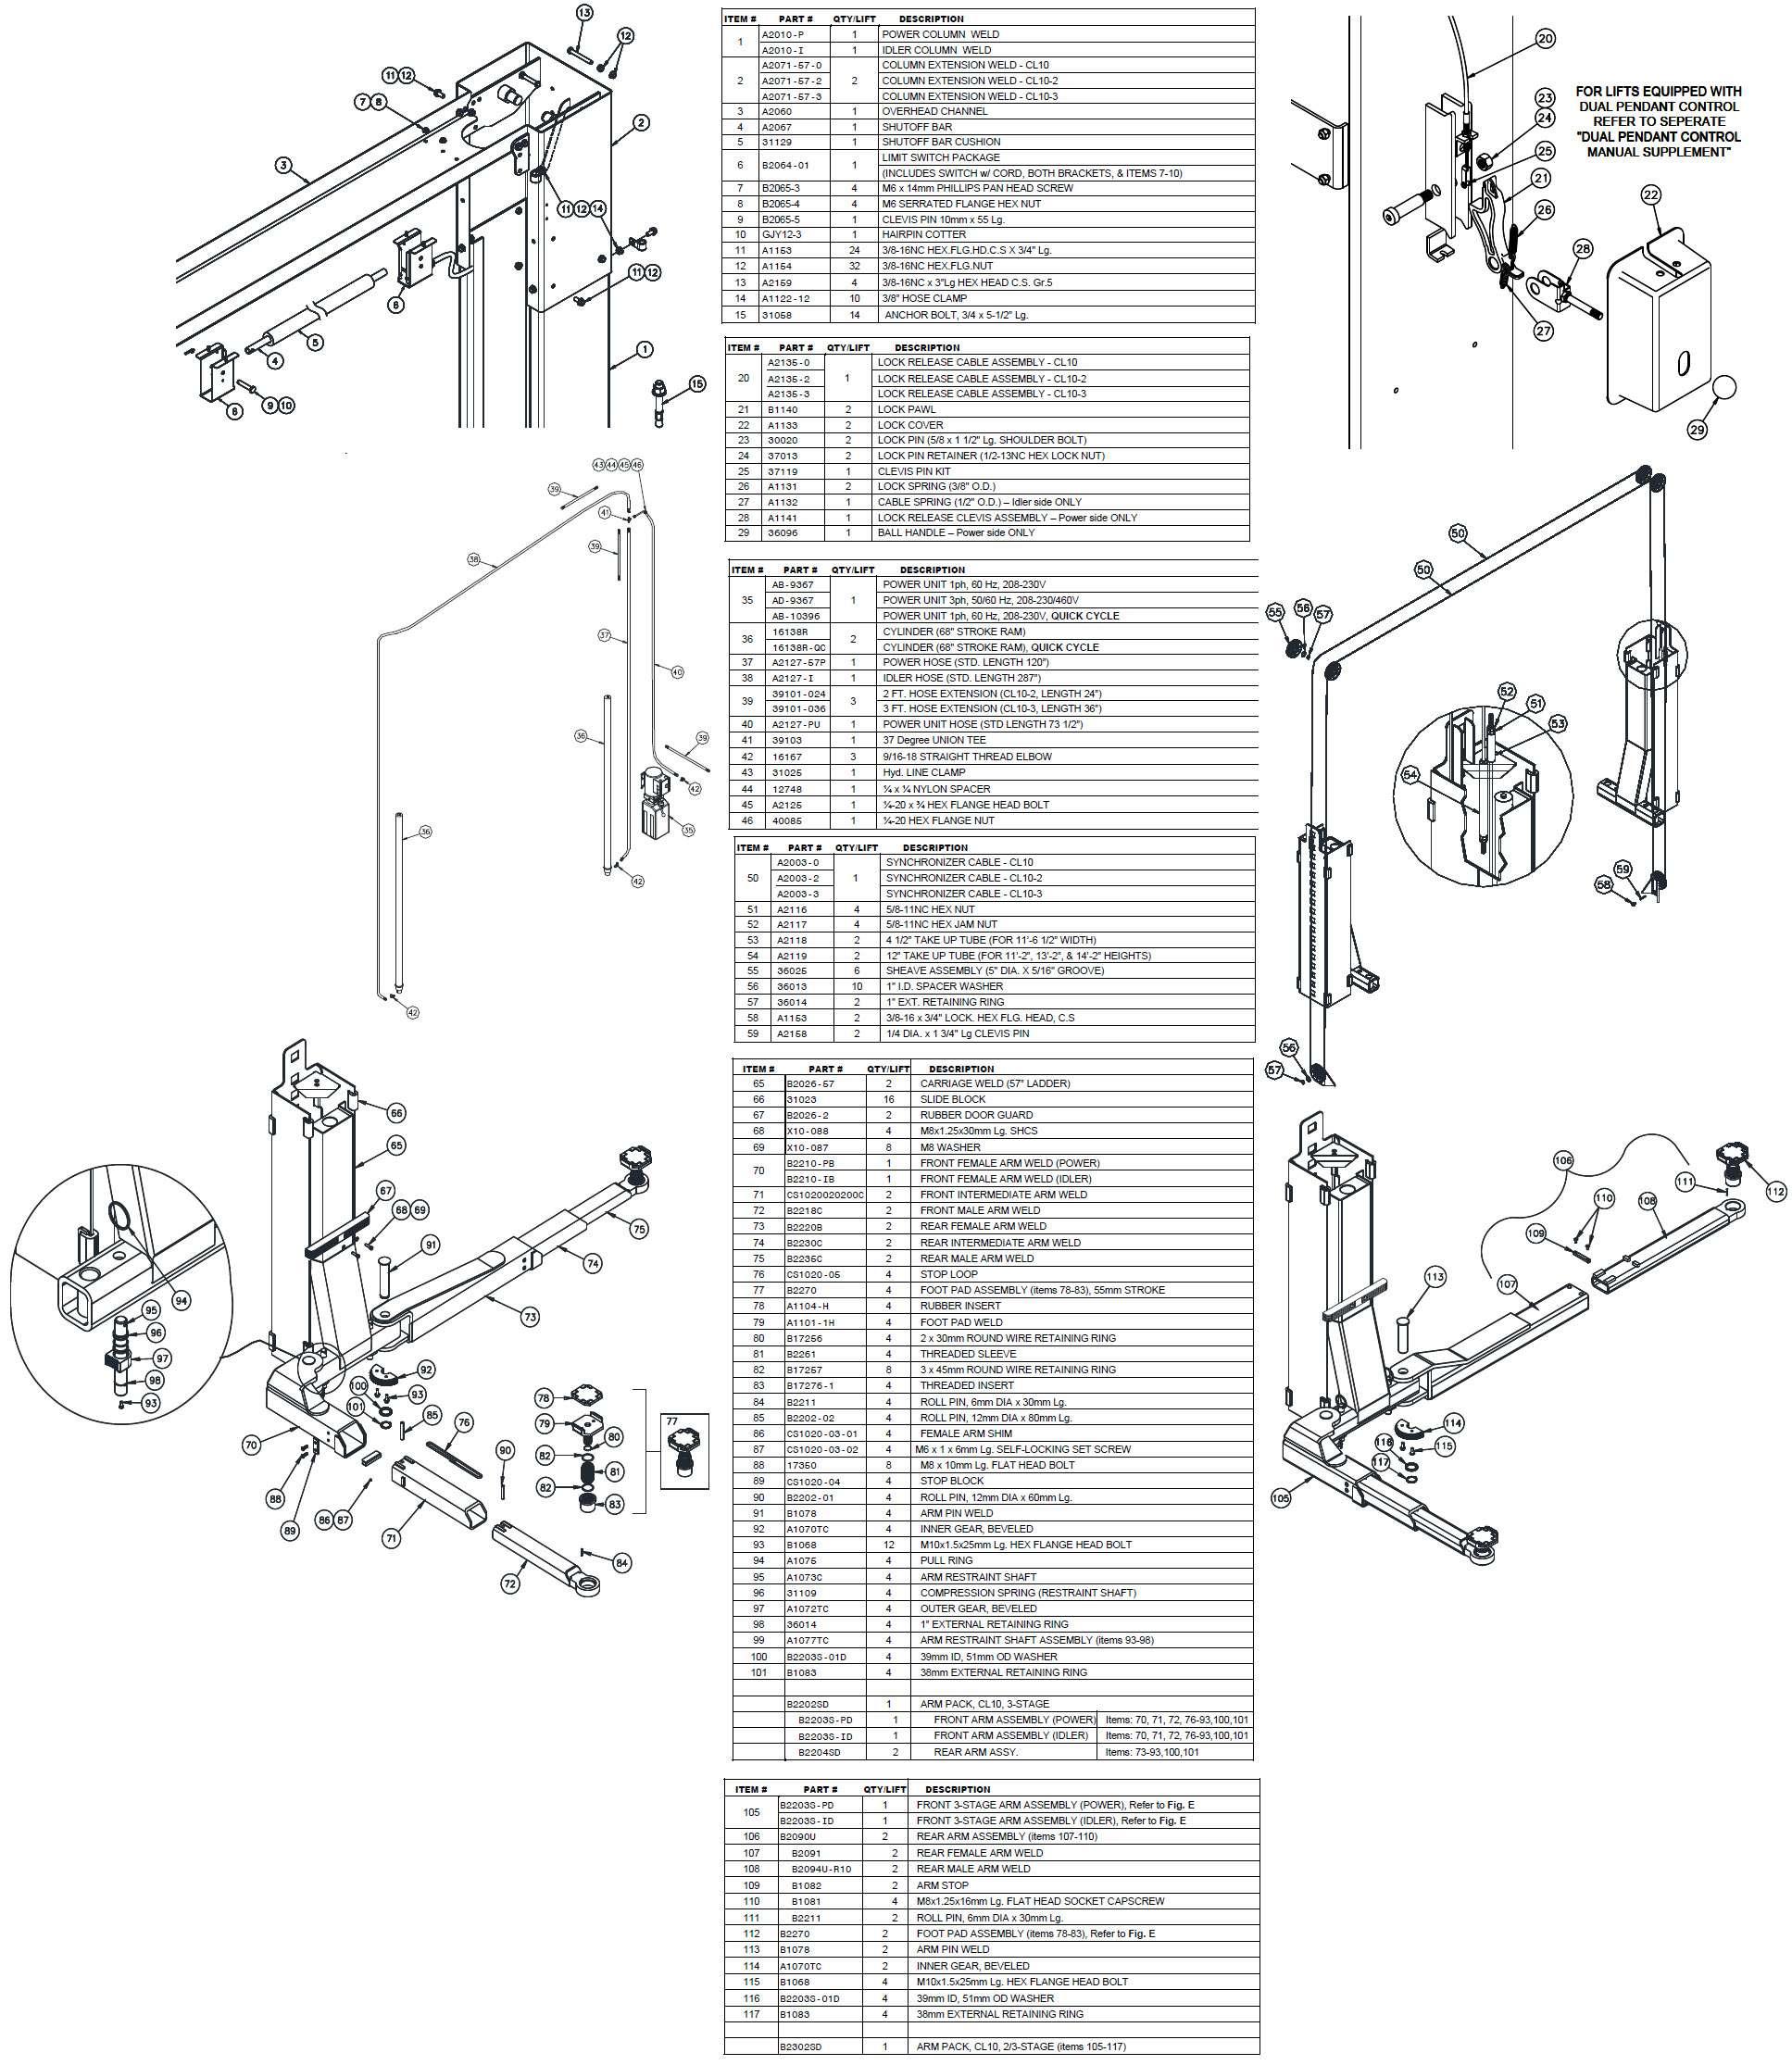 Challenger CL10 parts breakdown